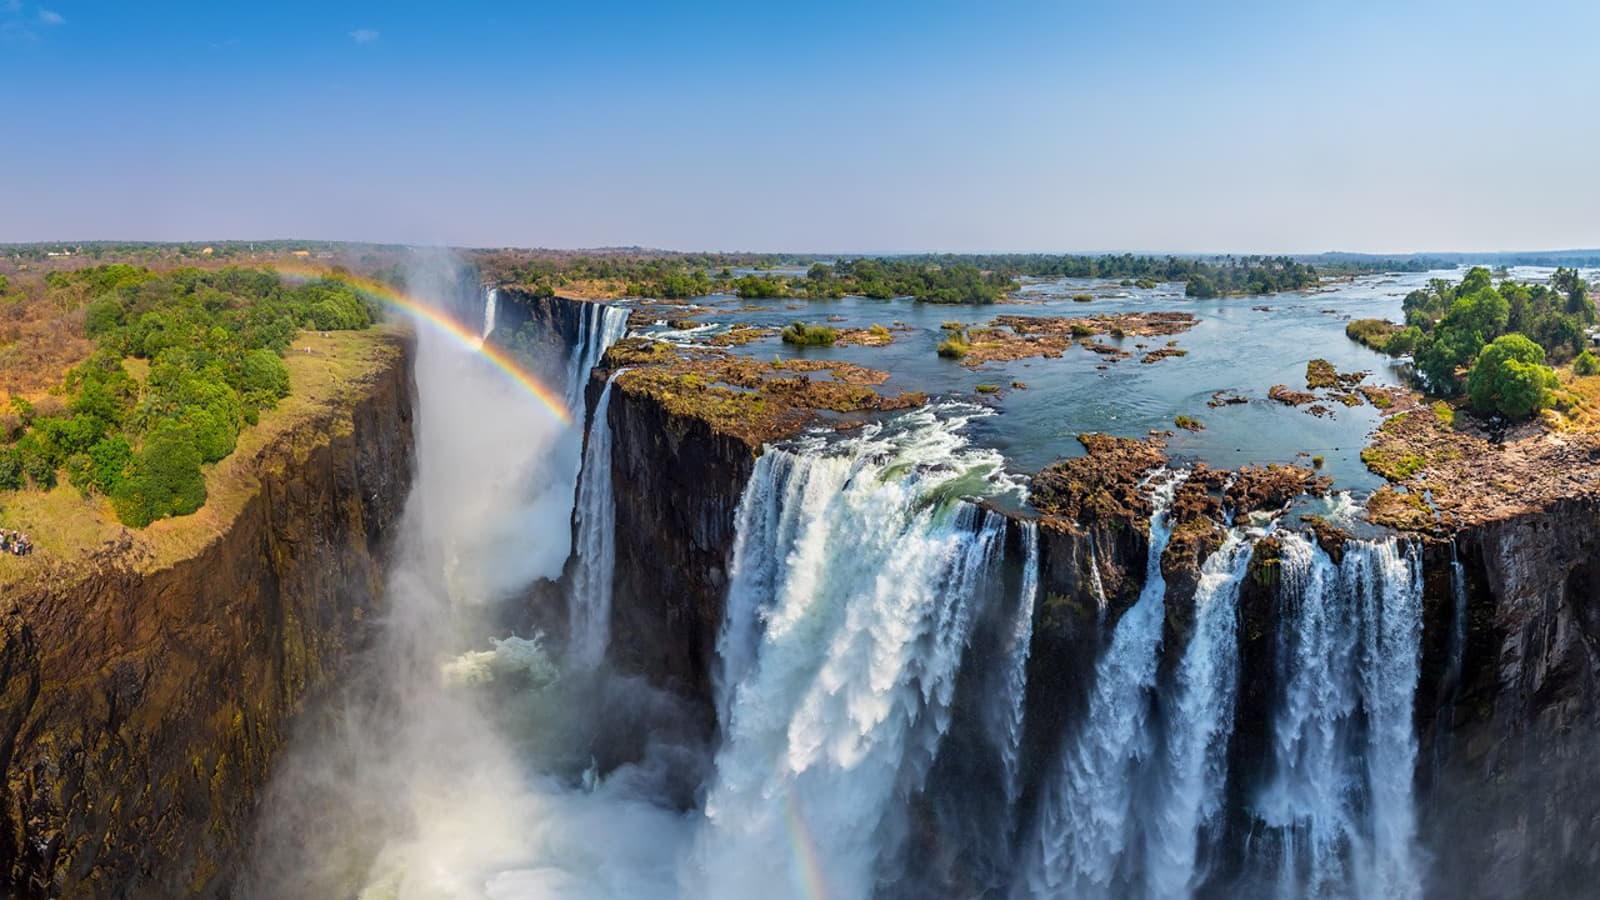 Τοπικές γνωριμίες στη Νότια Αφρική